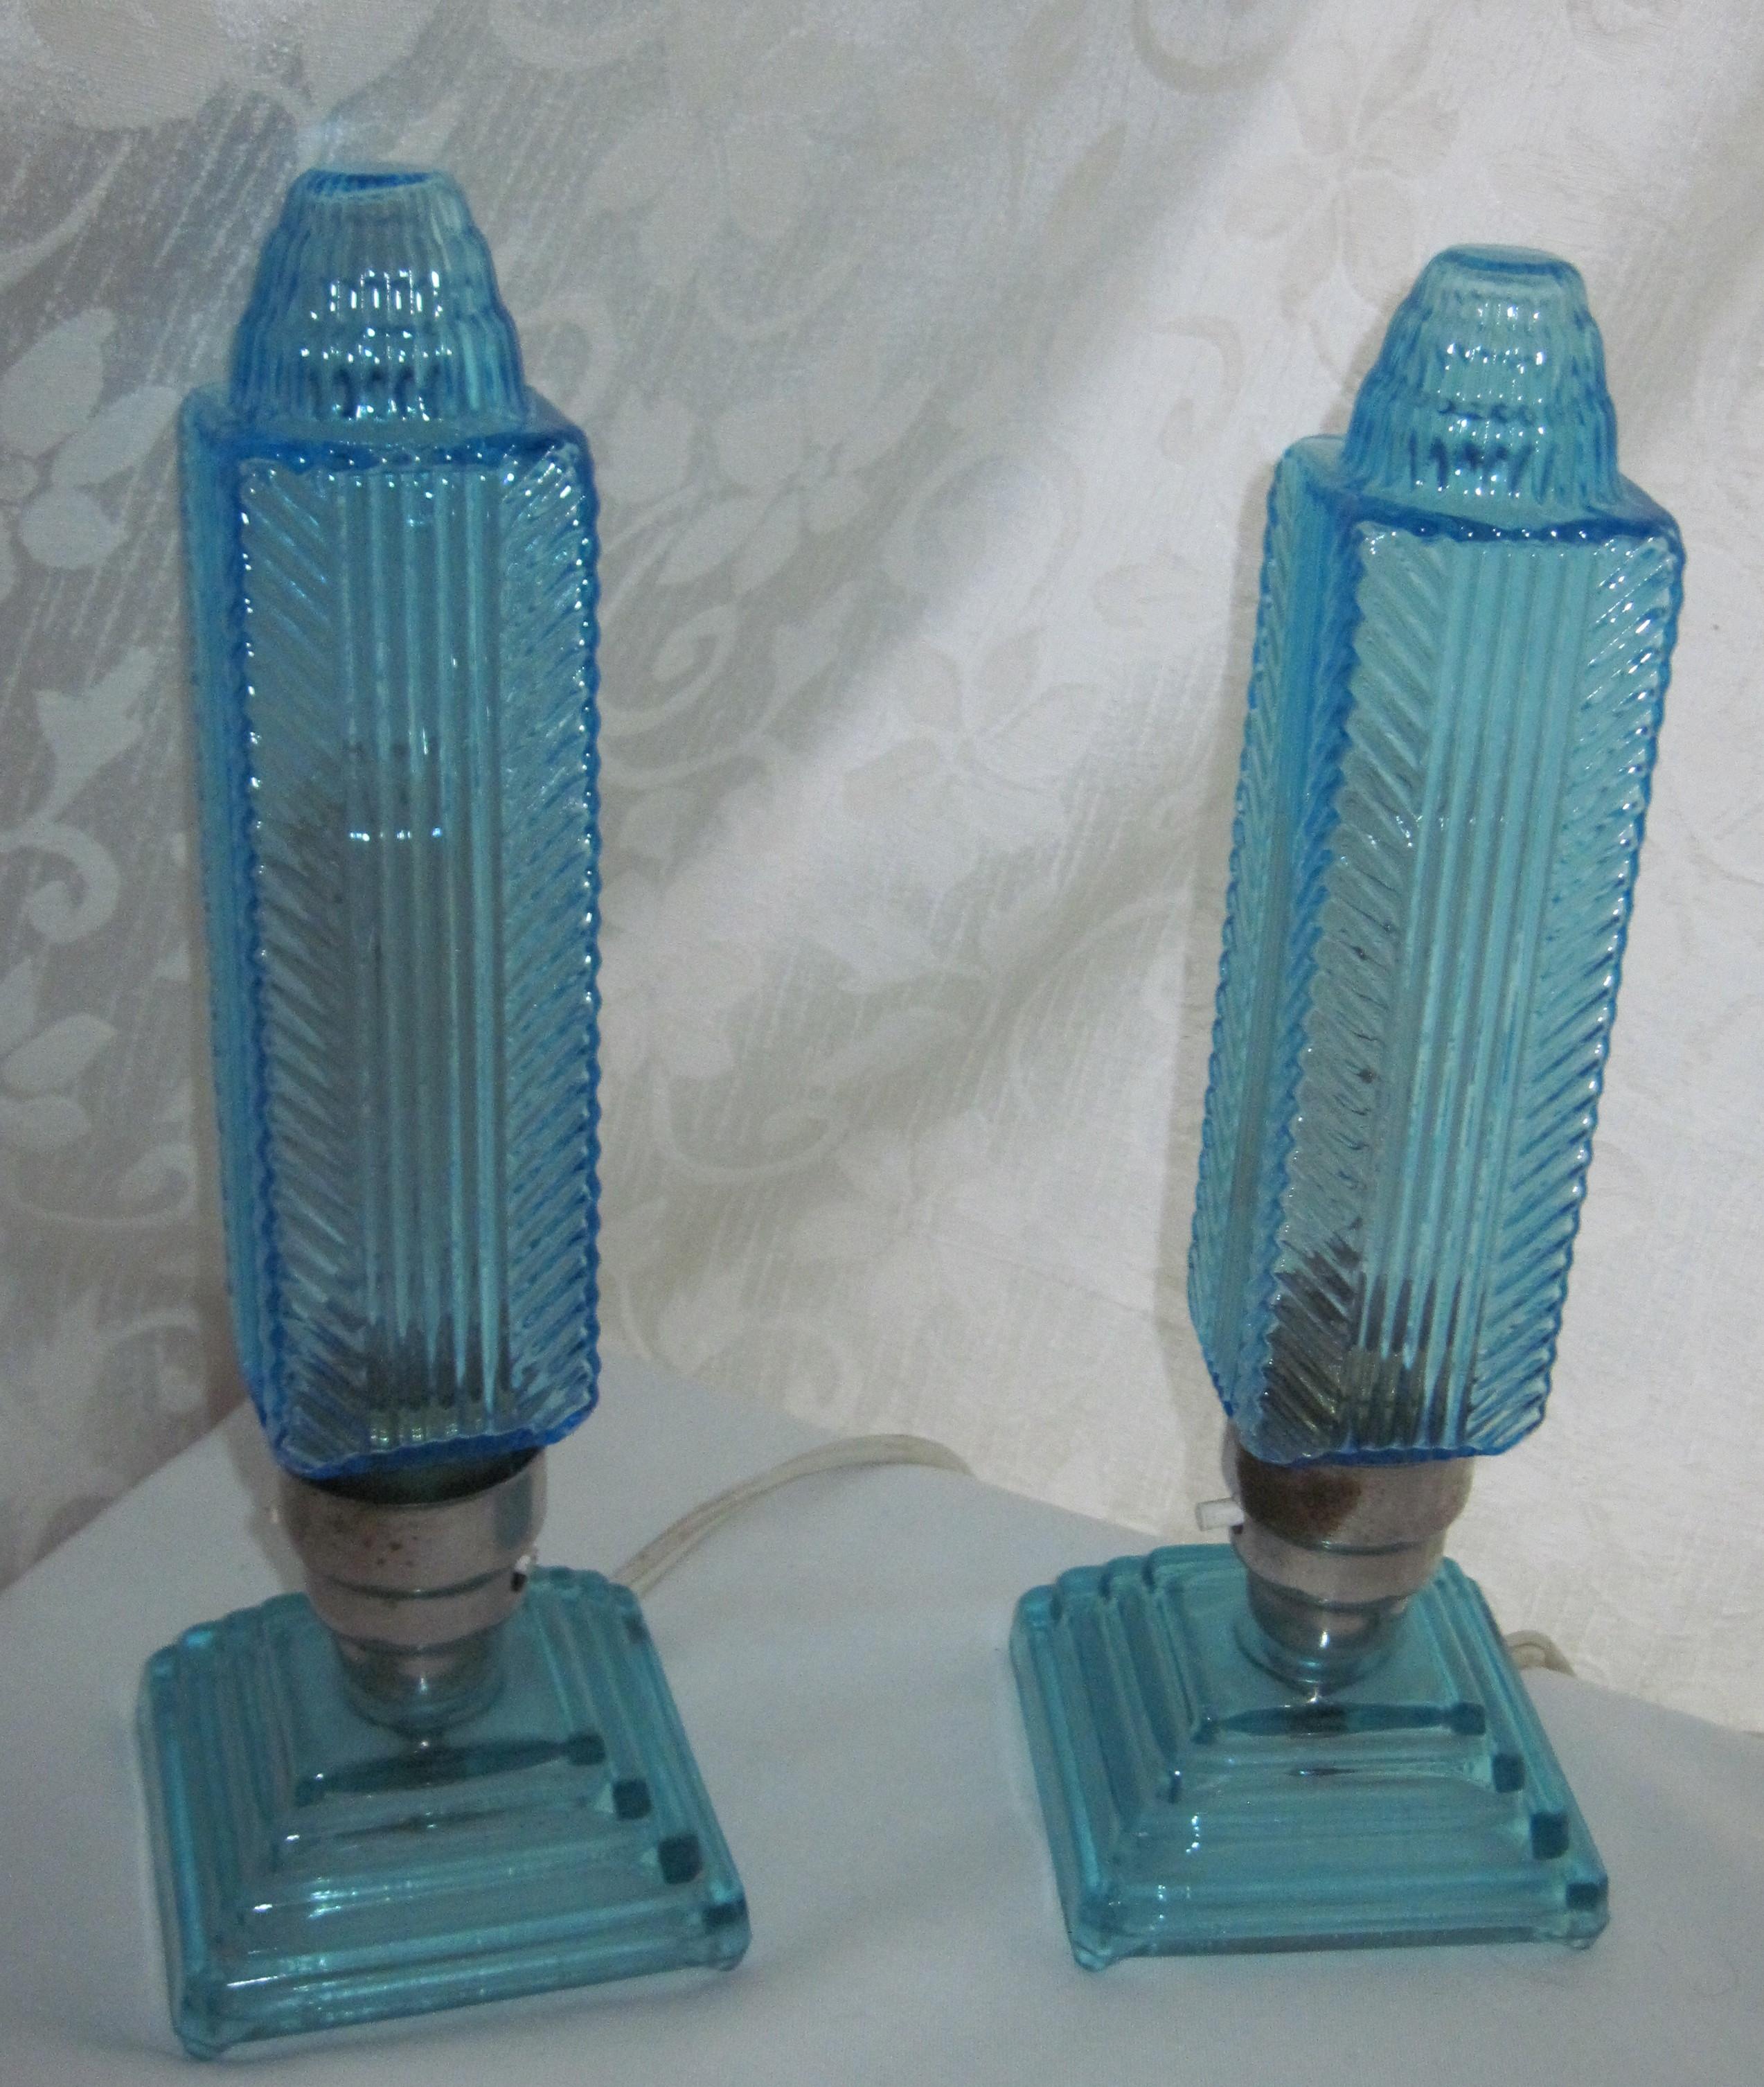 boudoir lamps photo - 1